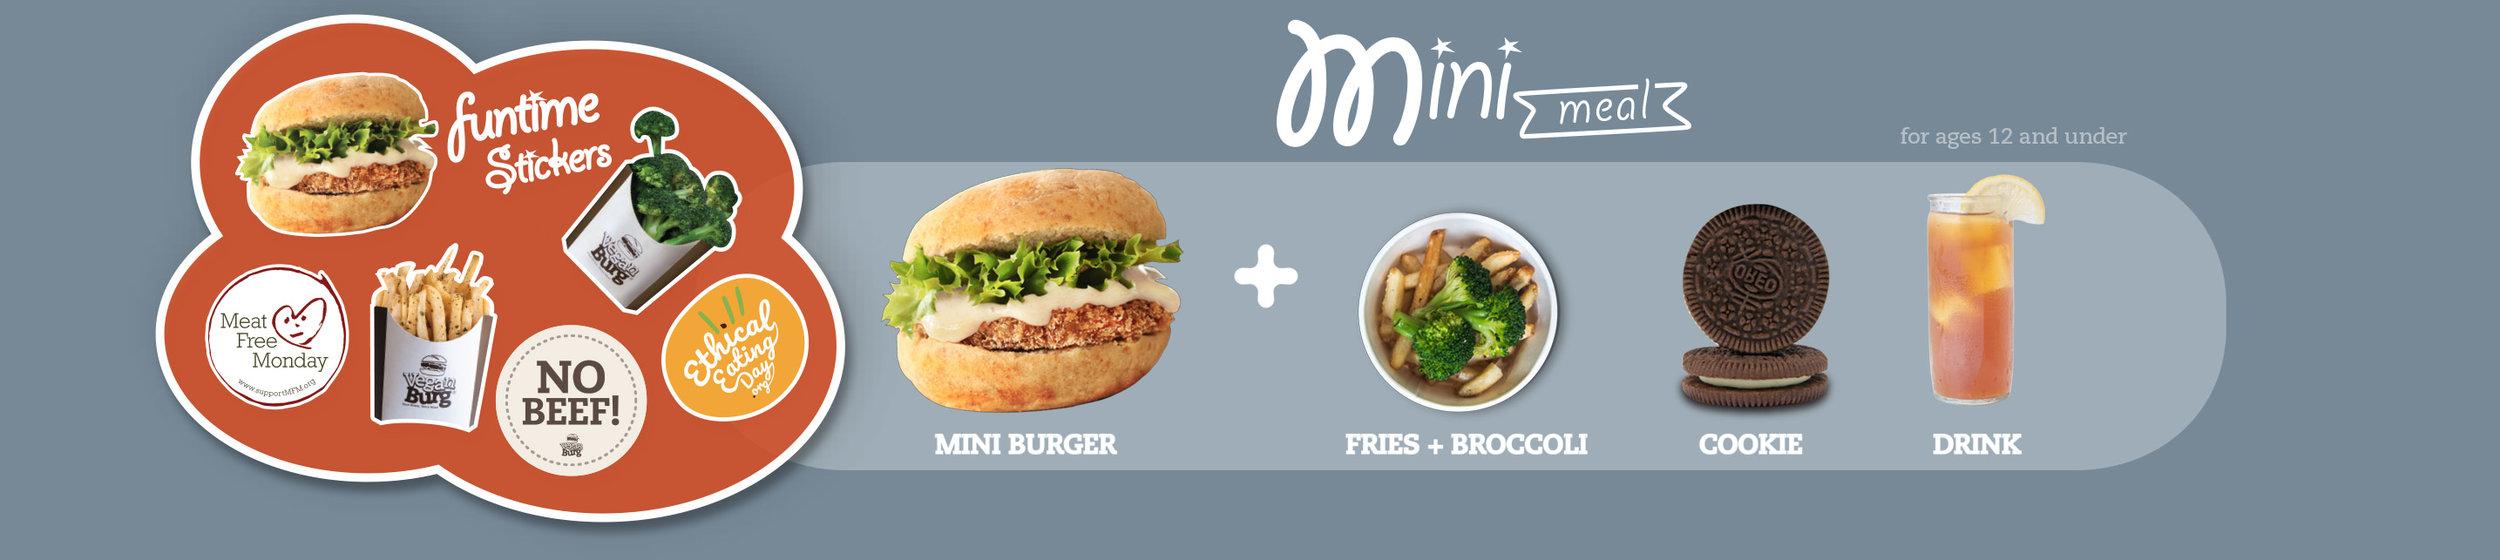 menu-SG_miniMeal.jpg